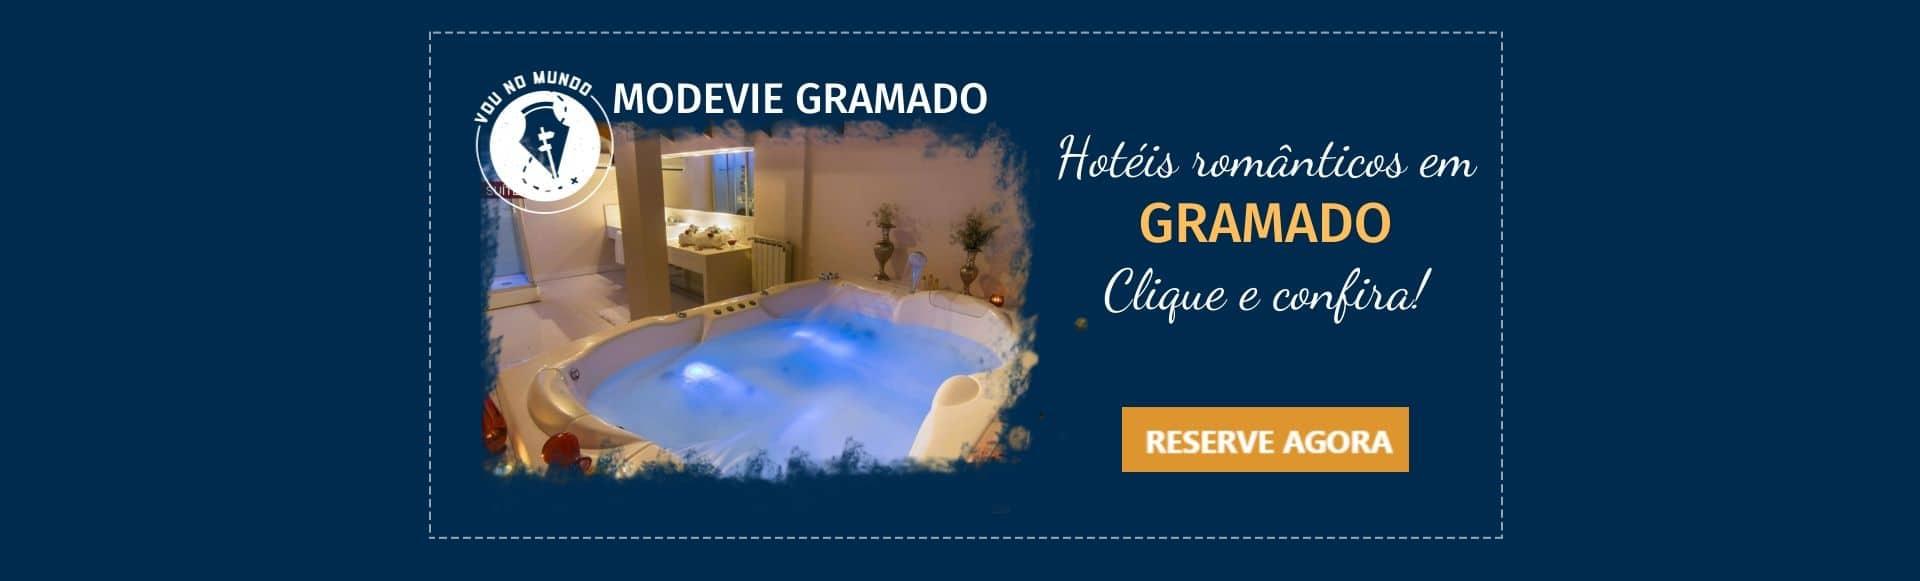 Hotel Modevie em Gramado, Rio Grande do Sul.